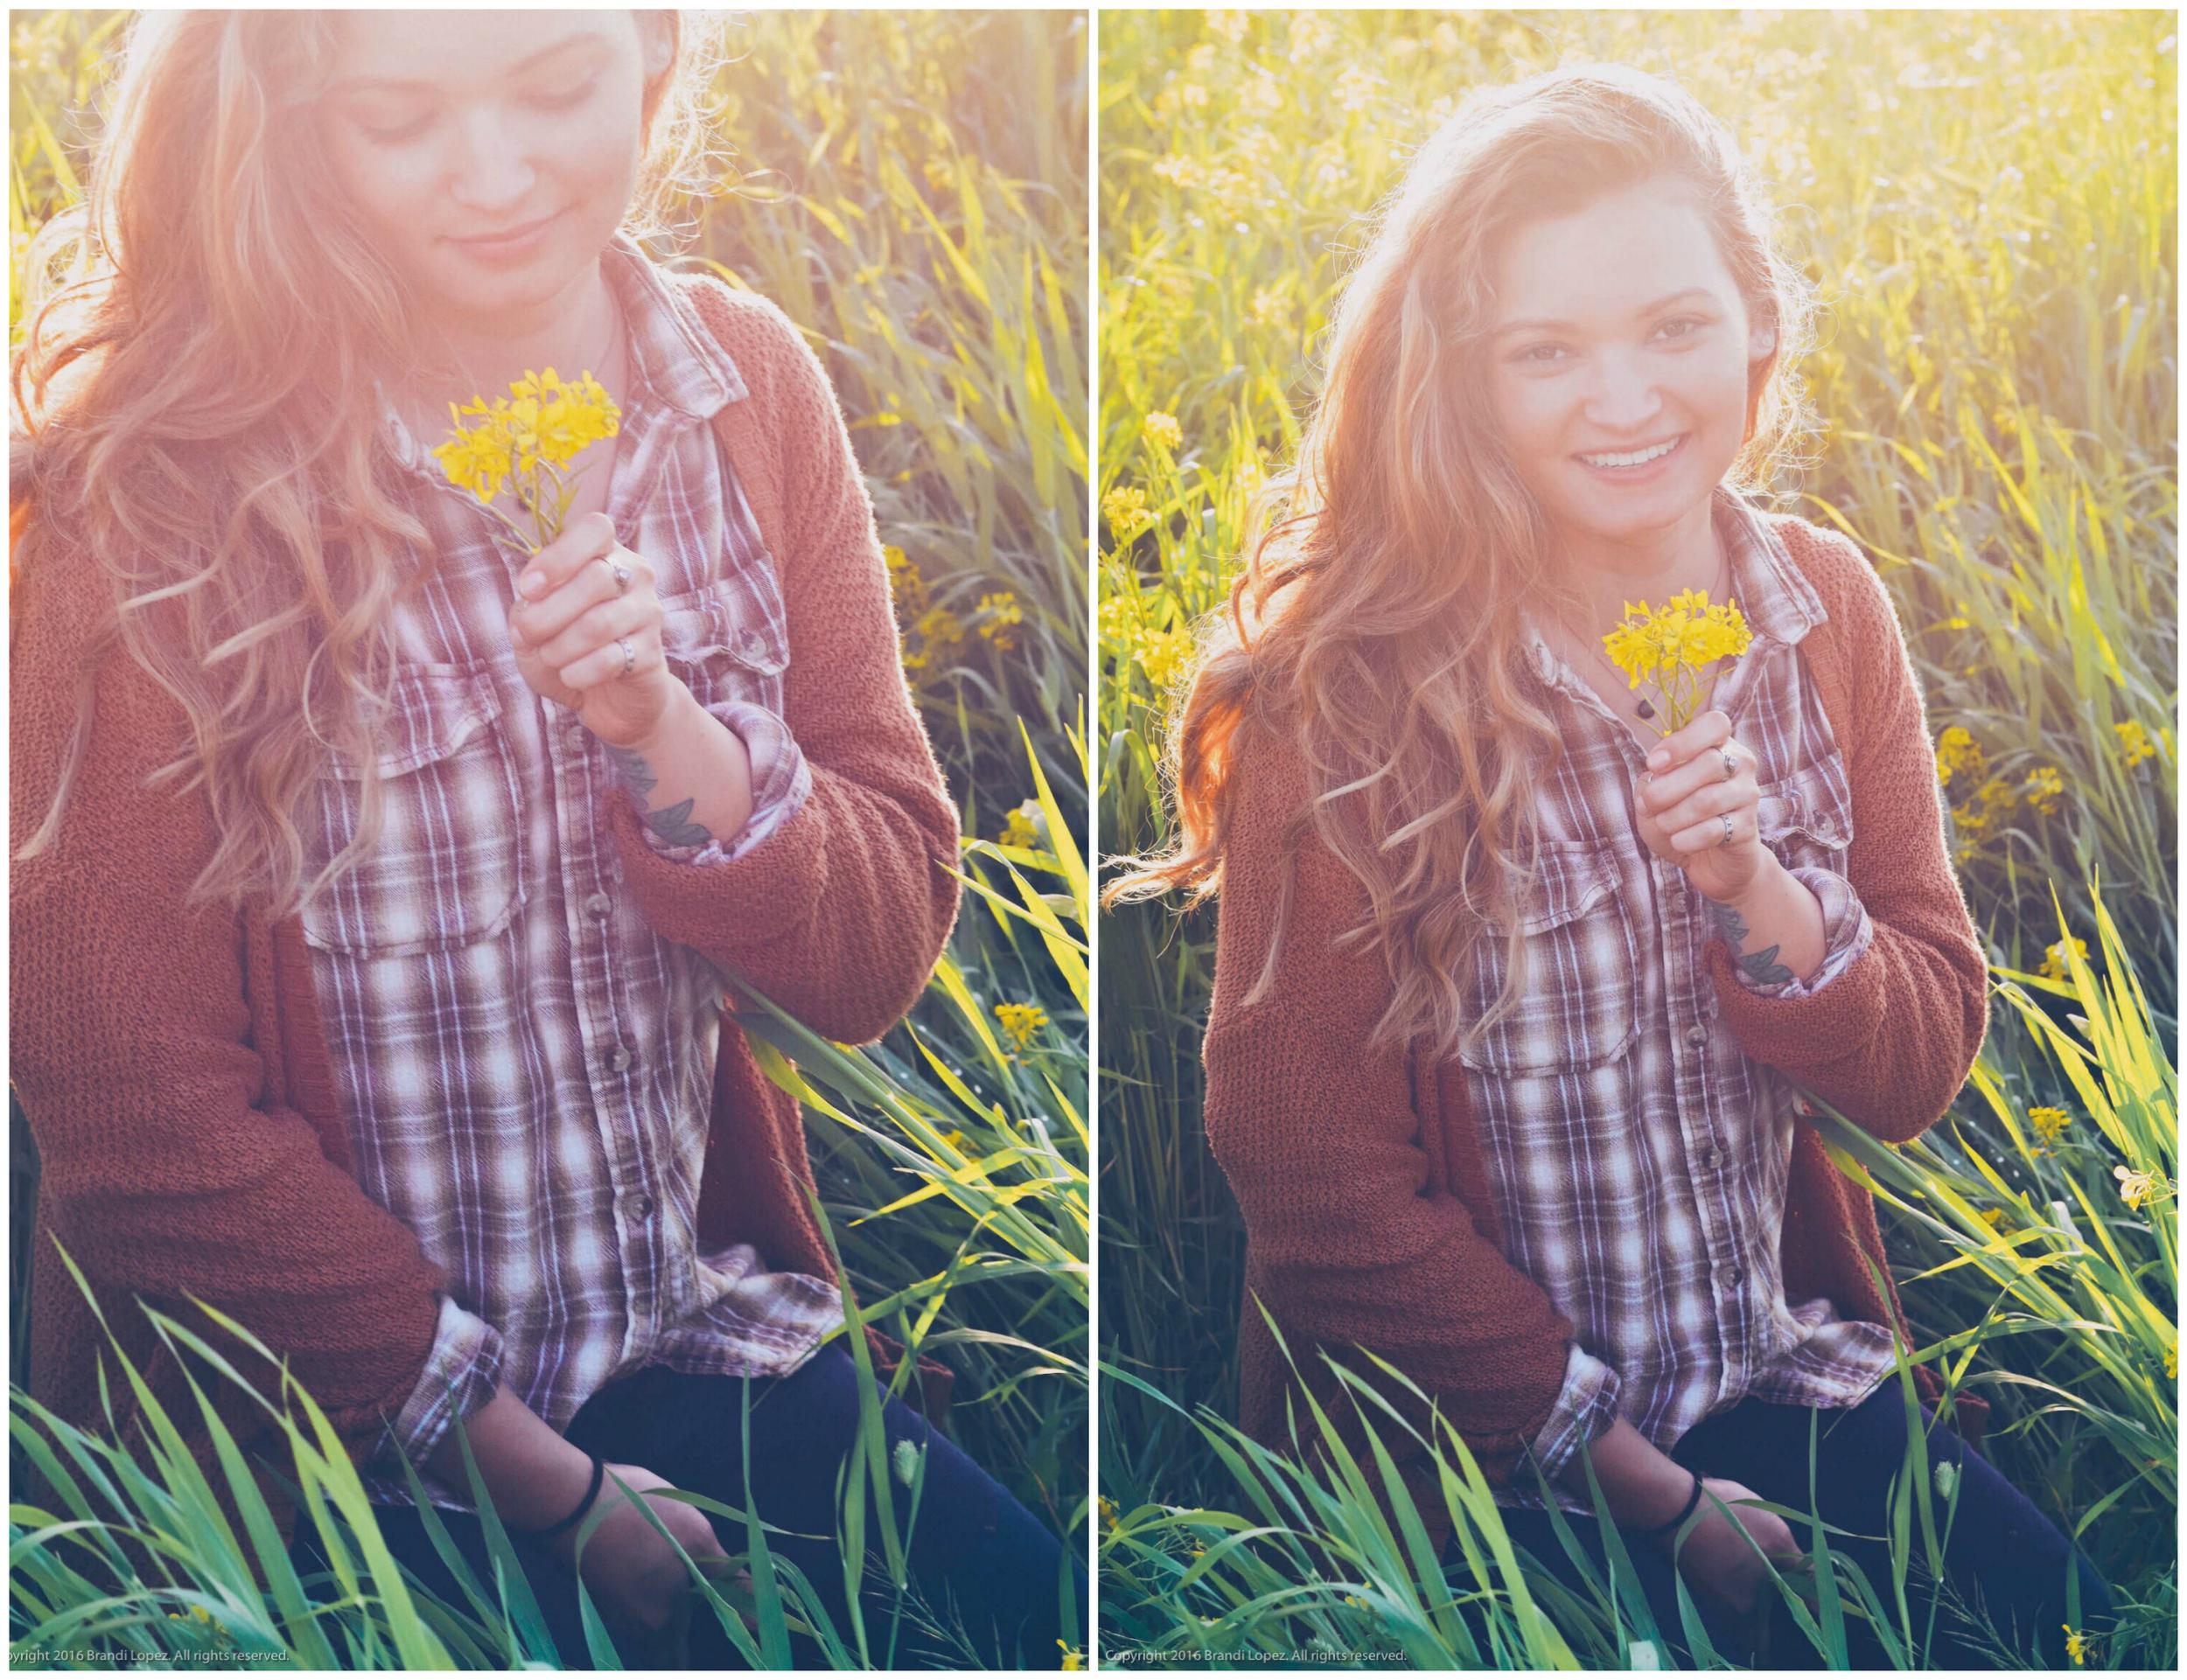 whit collage 3.jpg